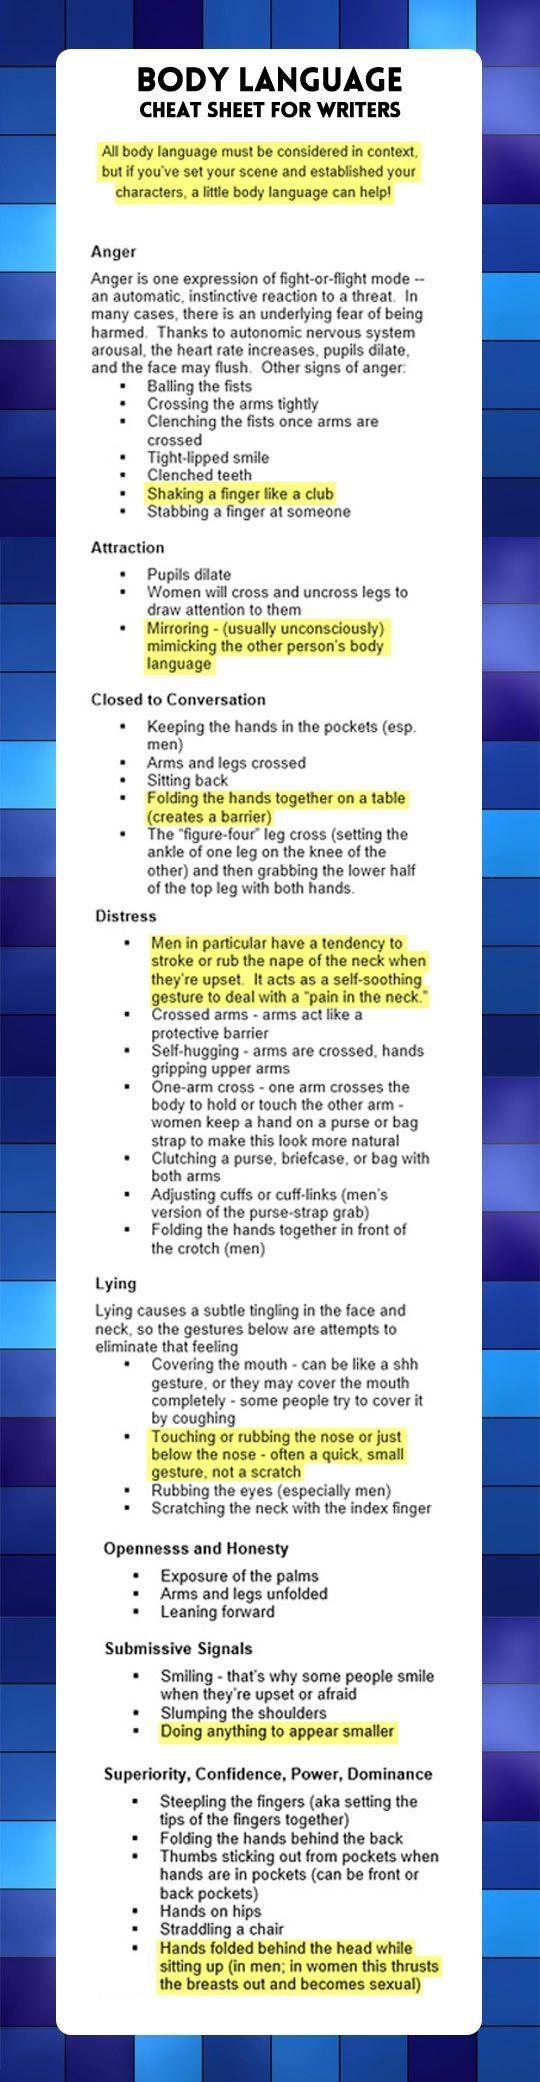 Body language cheat sheet… by peggy moberly